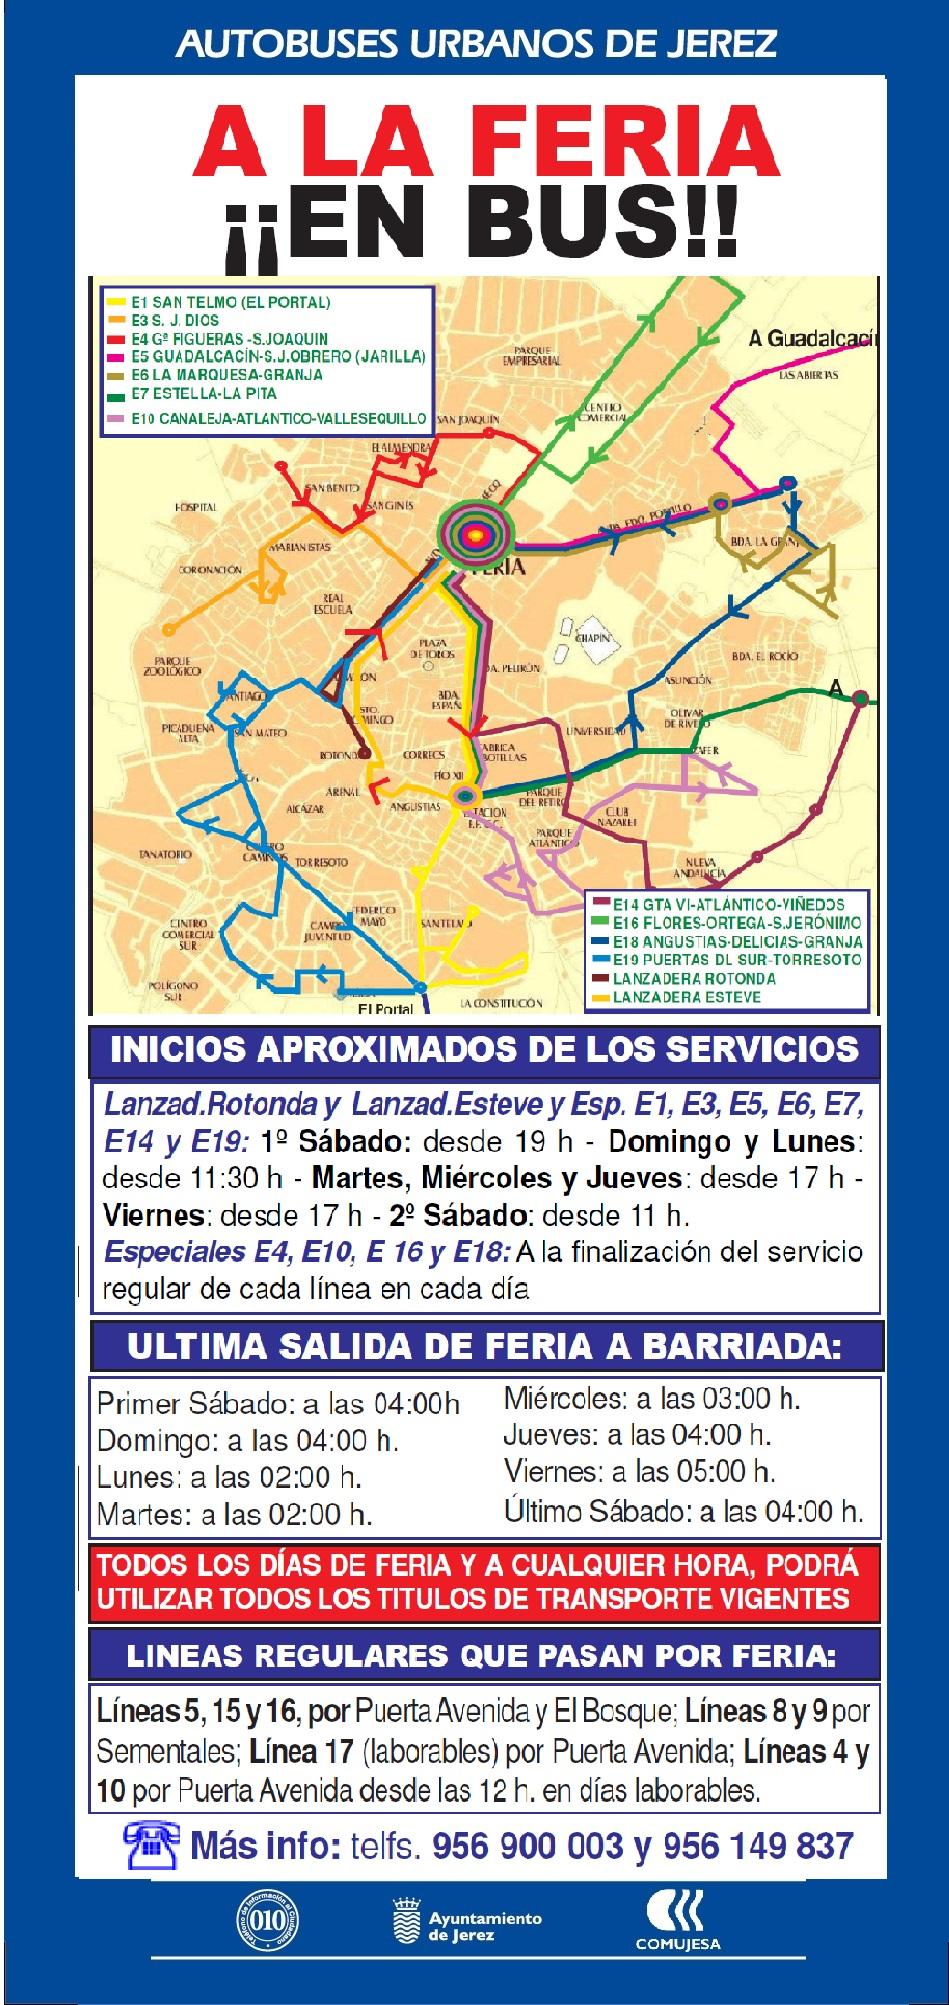 Servicio Especial Feria 2019